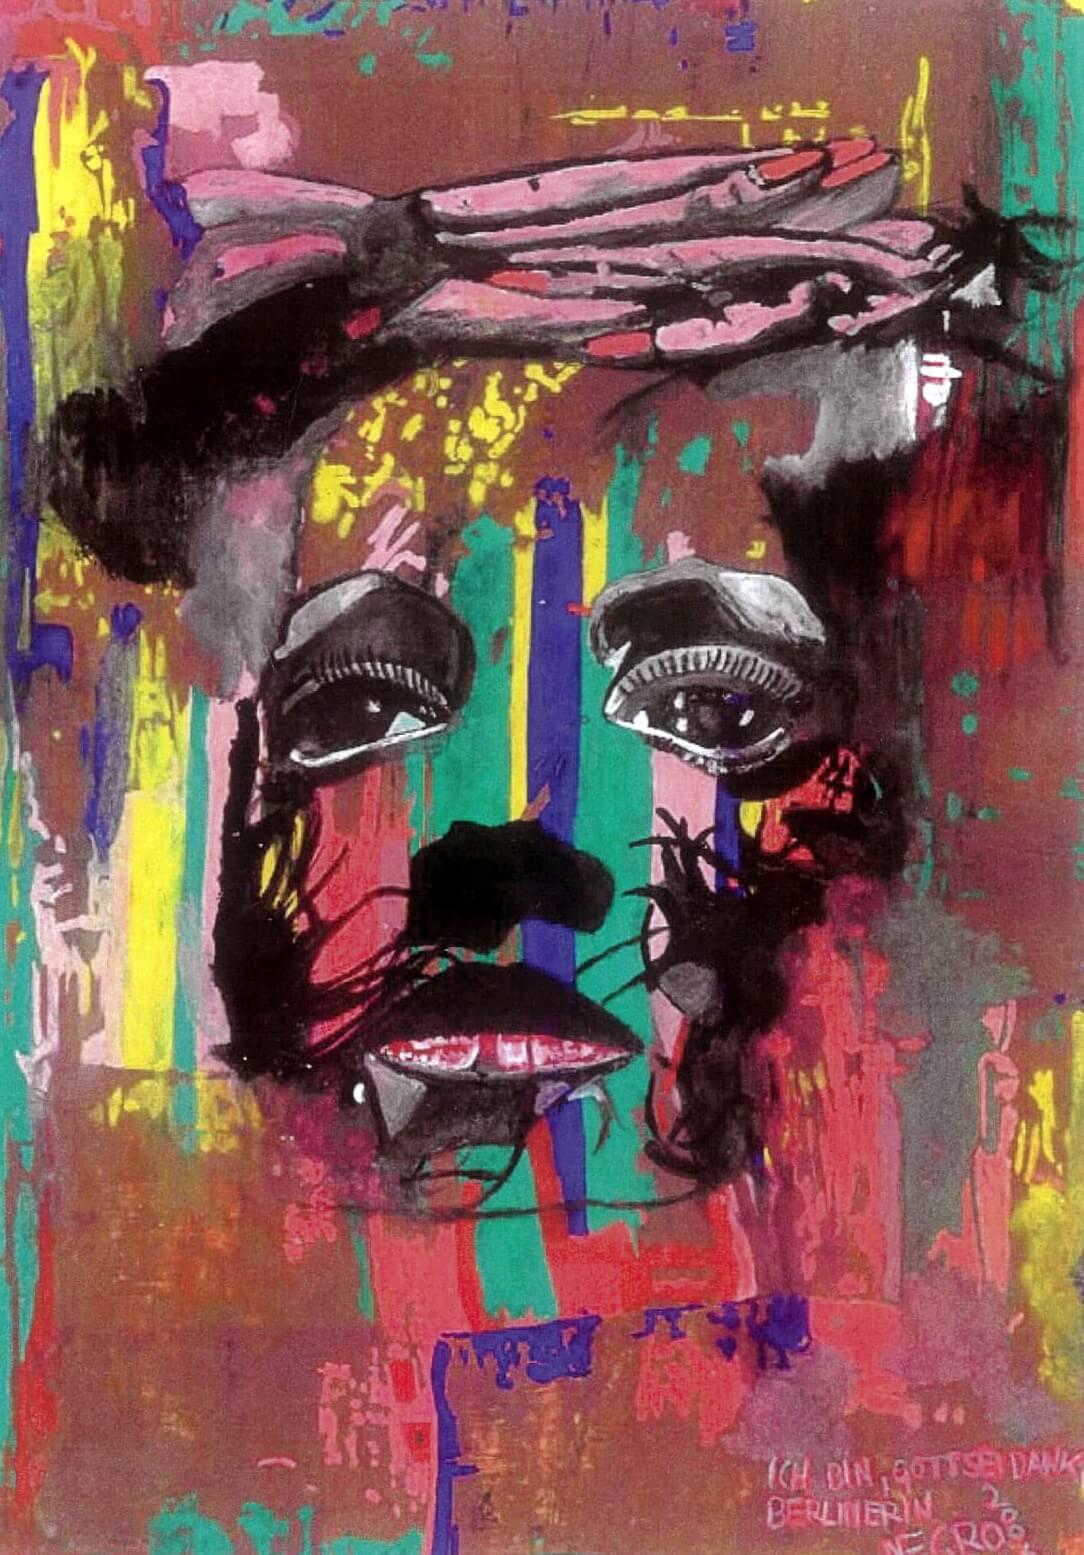 Hohlbaum Art I Negro I Ich bin Gott sei Dank Berlinerin